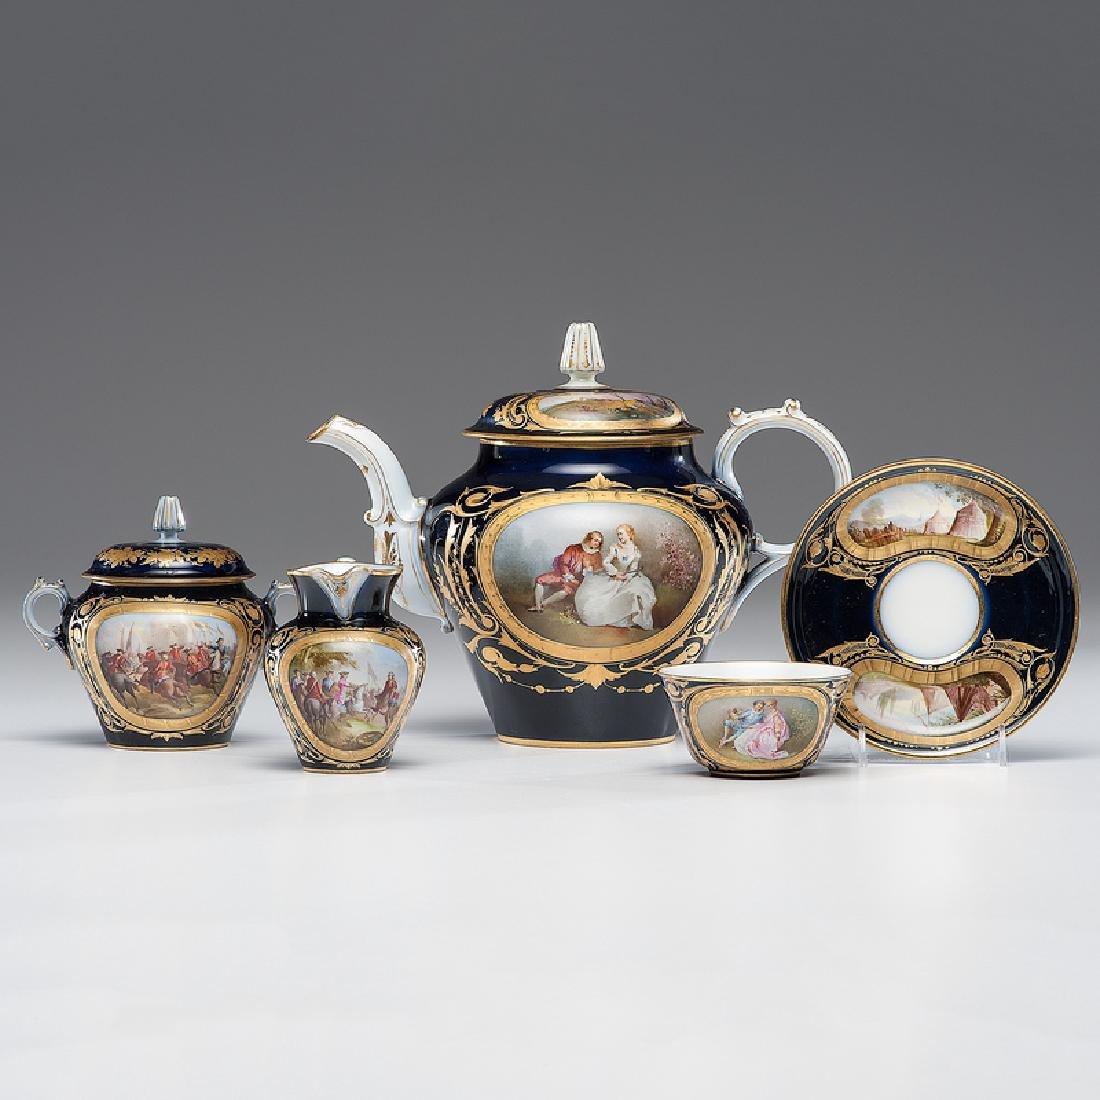 Sevres-style Porcelain Tea Service